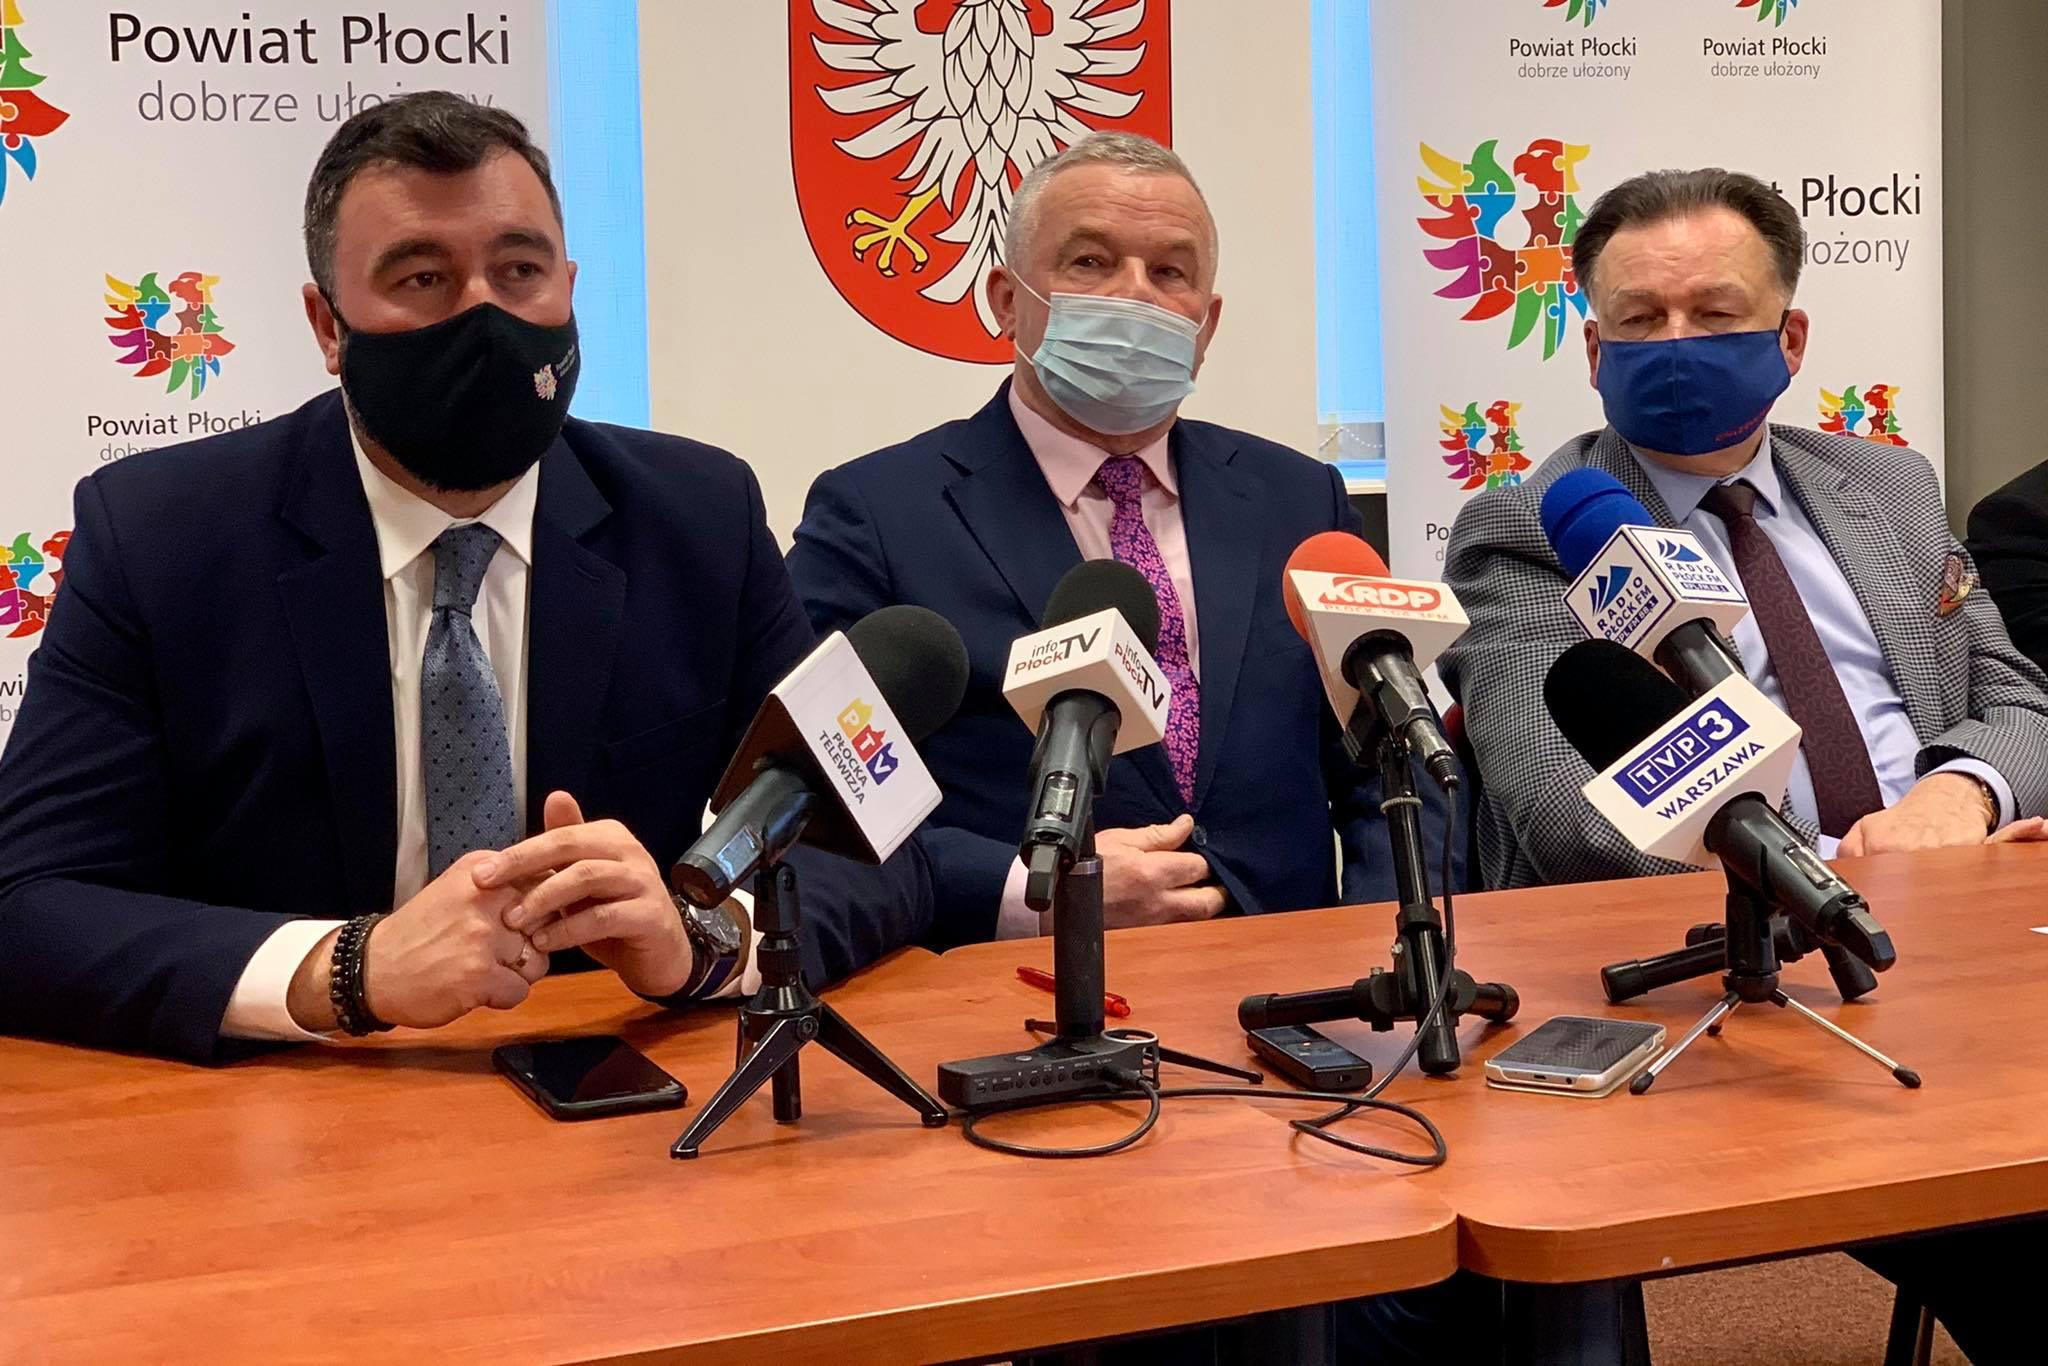 Ognisko ptasiej grypy w powiecie płockim. Uderza w nas kolejna epidemia?  - Zdjęcie główne